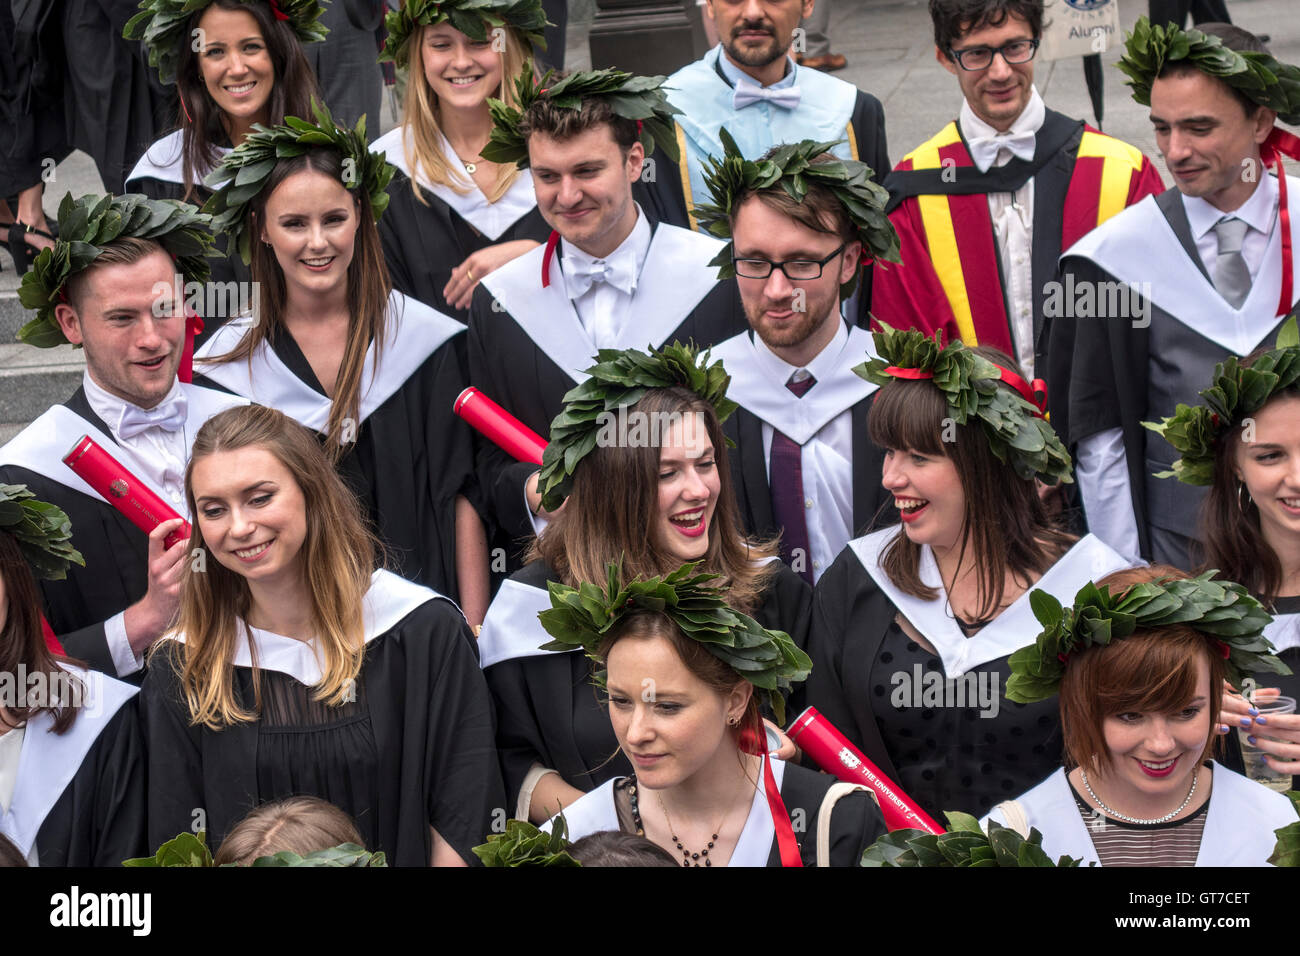 L'Université d'Édimbourg le jour de graduation. Professionnels Diplômés portant des Photo Stock